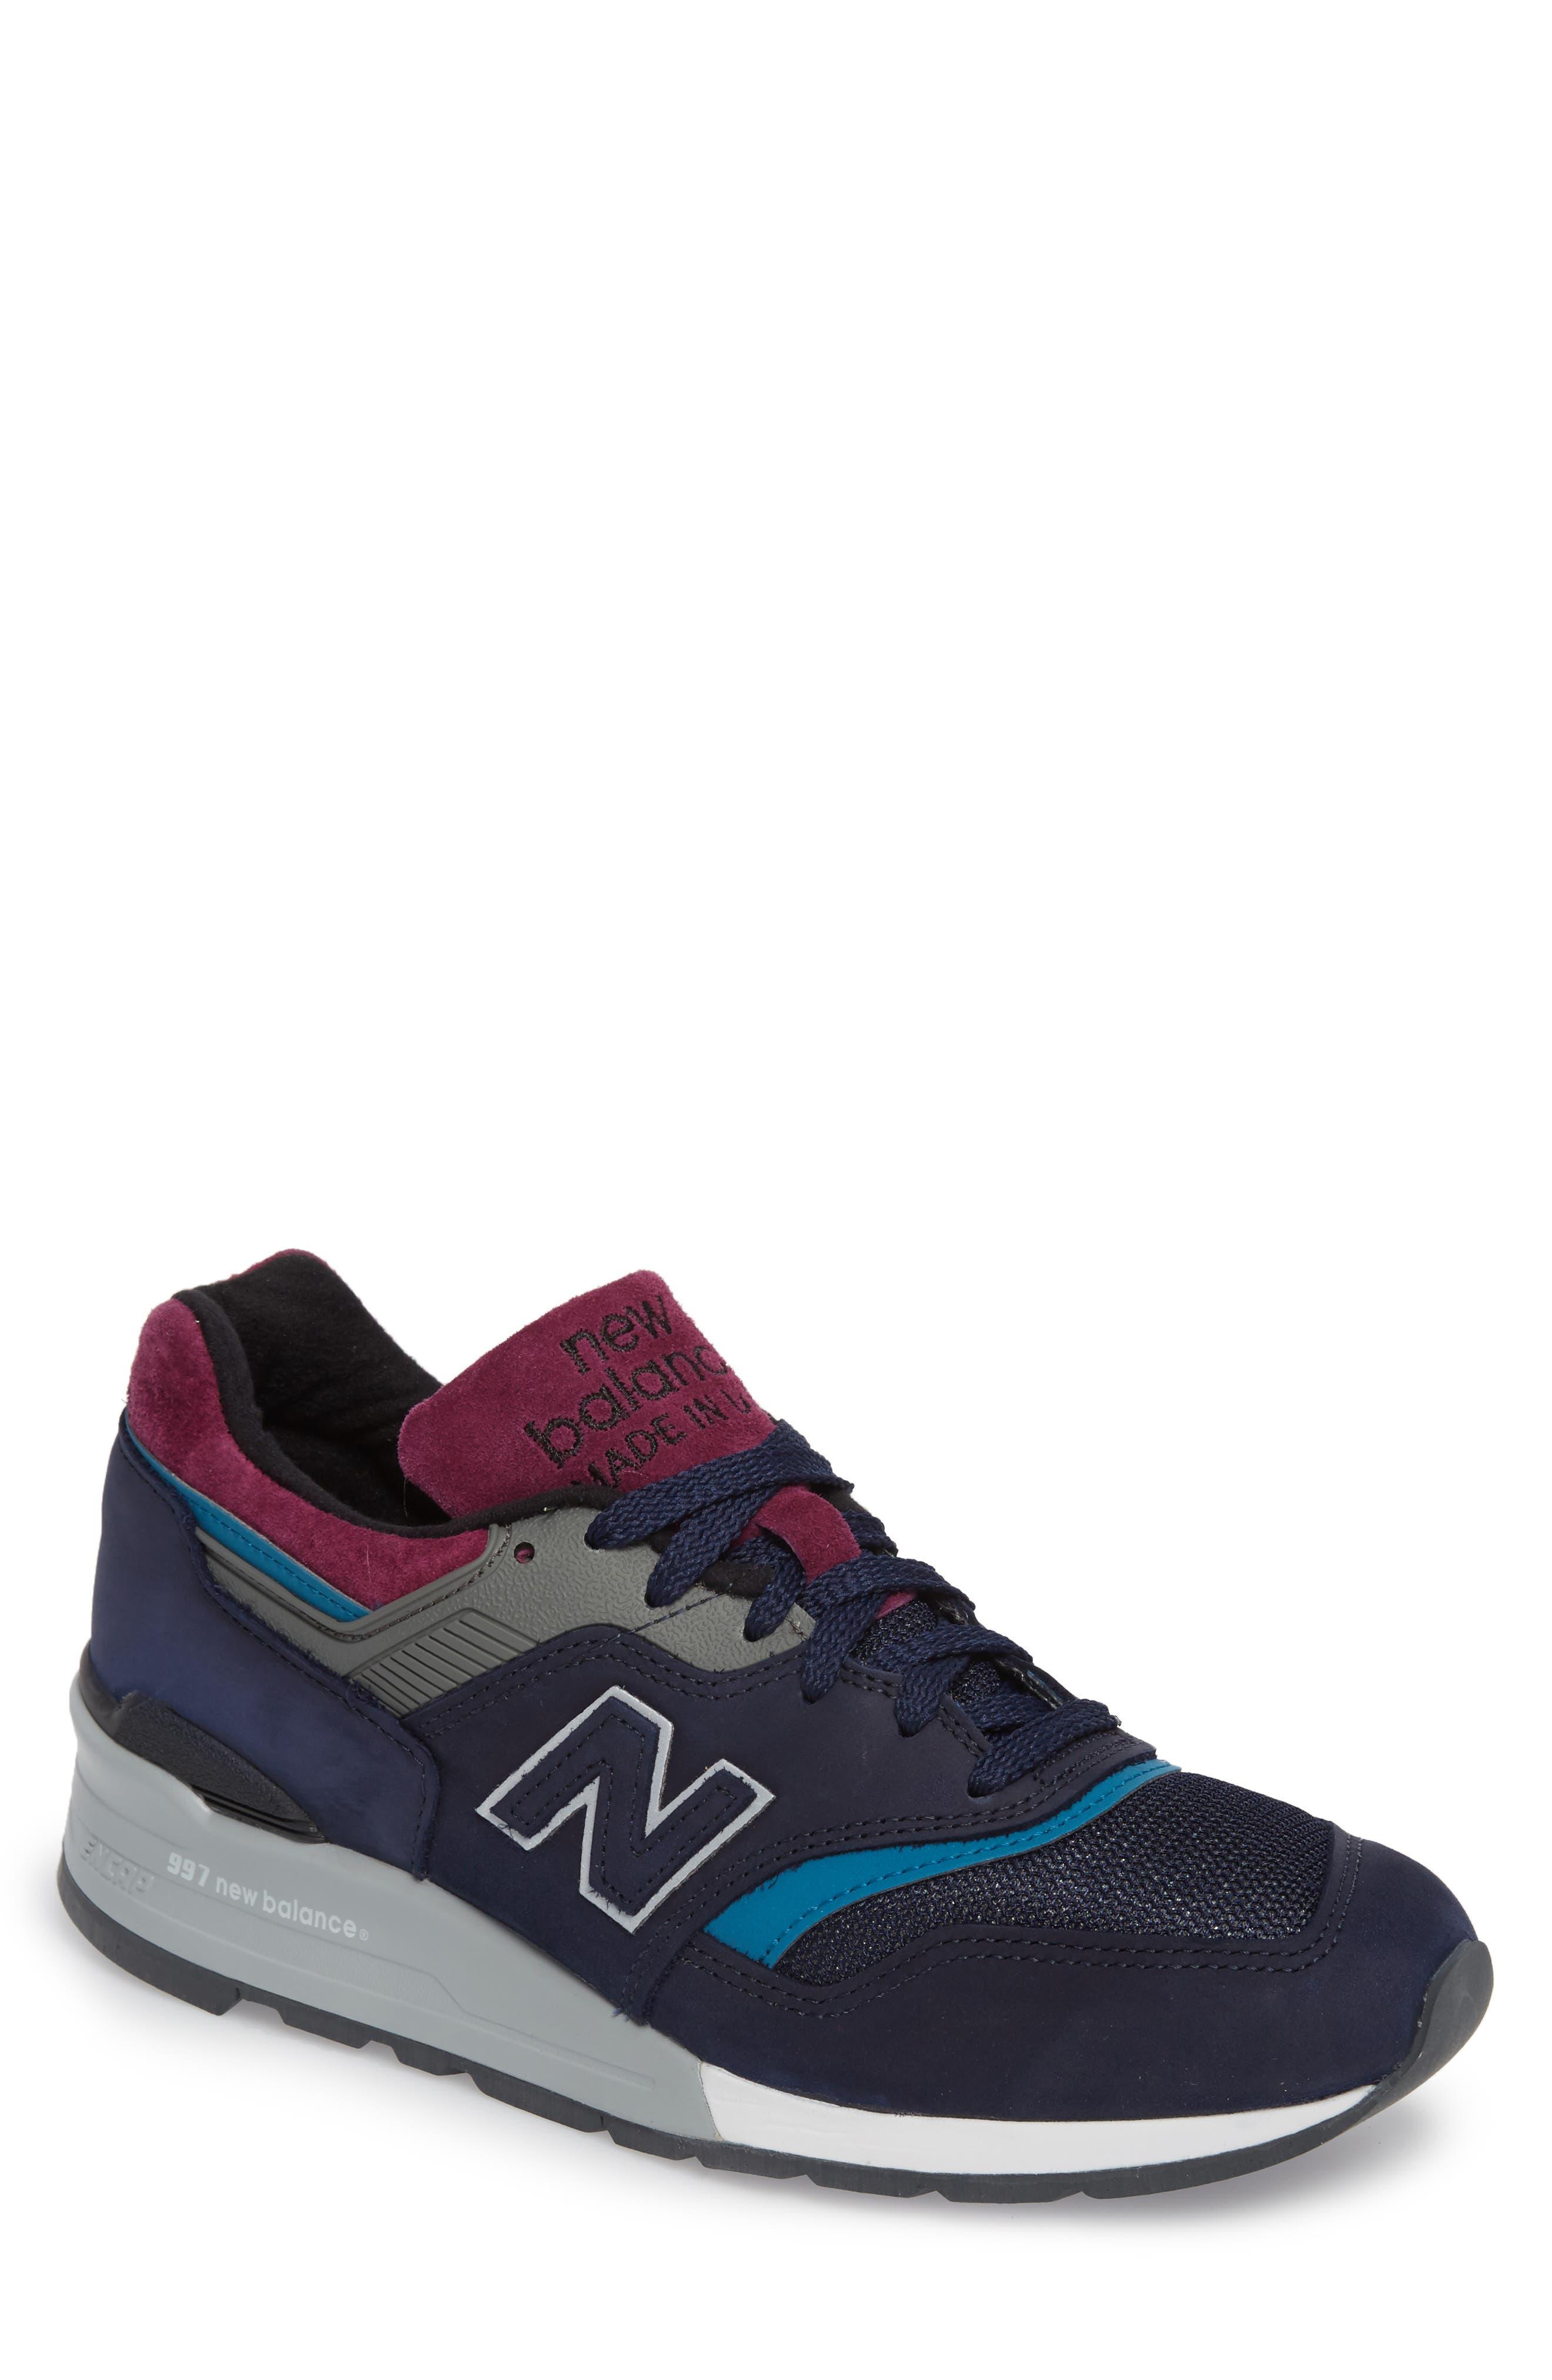 997 Sneaker,                         Main,                         color,